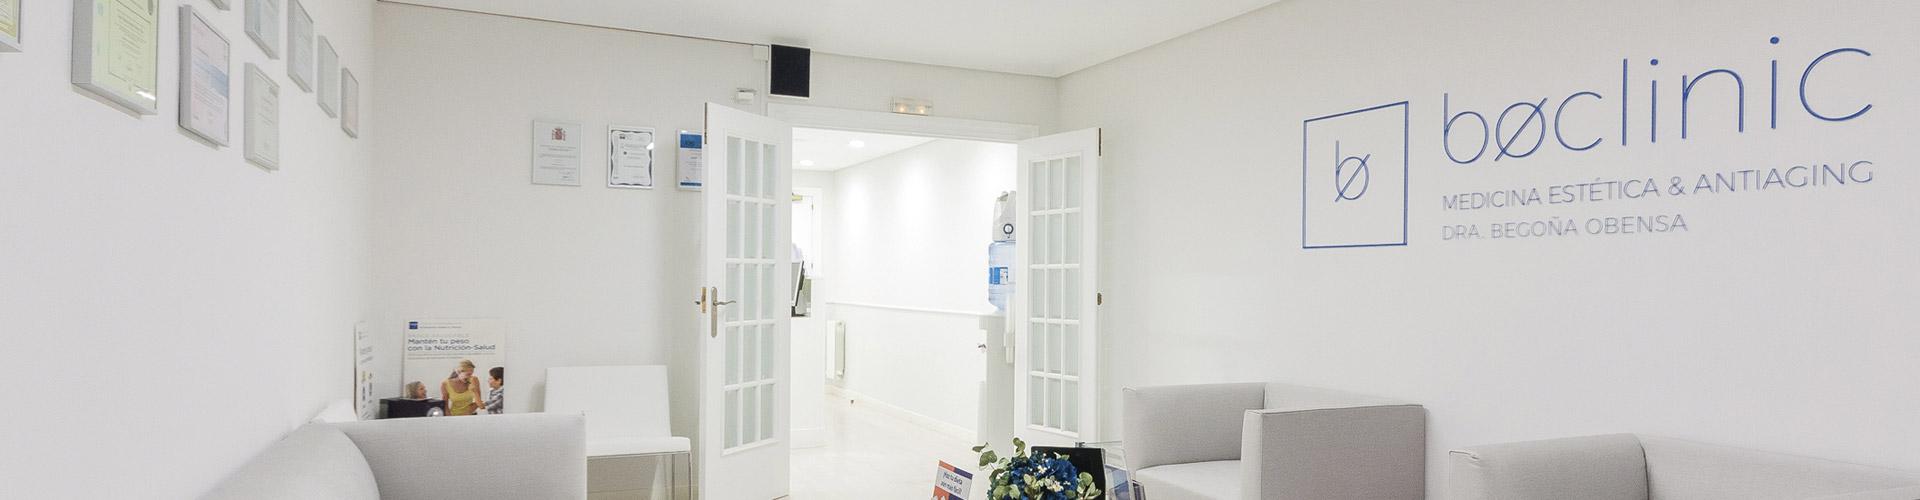 Instalaciones medicina estética y antiaging en Zaragoza